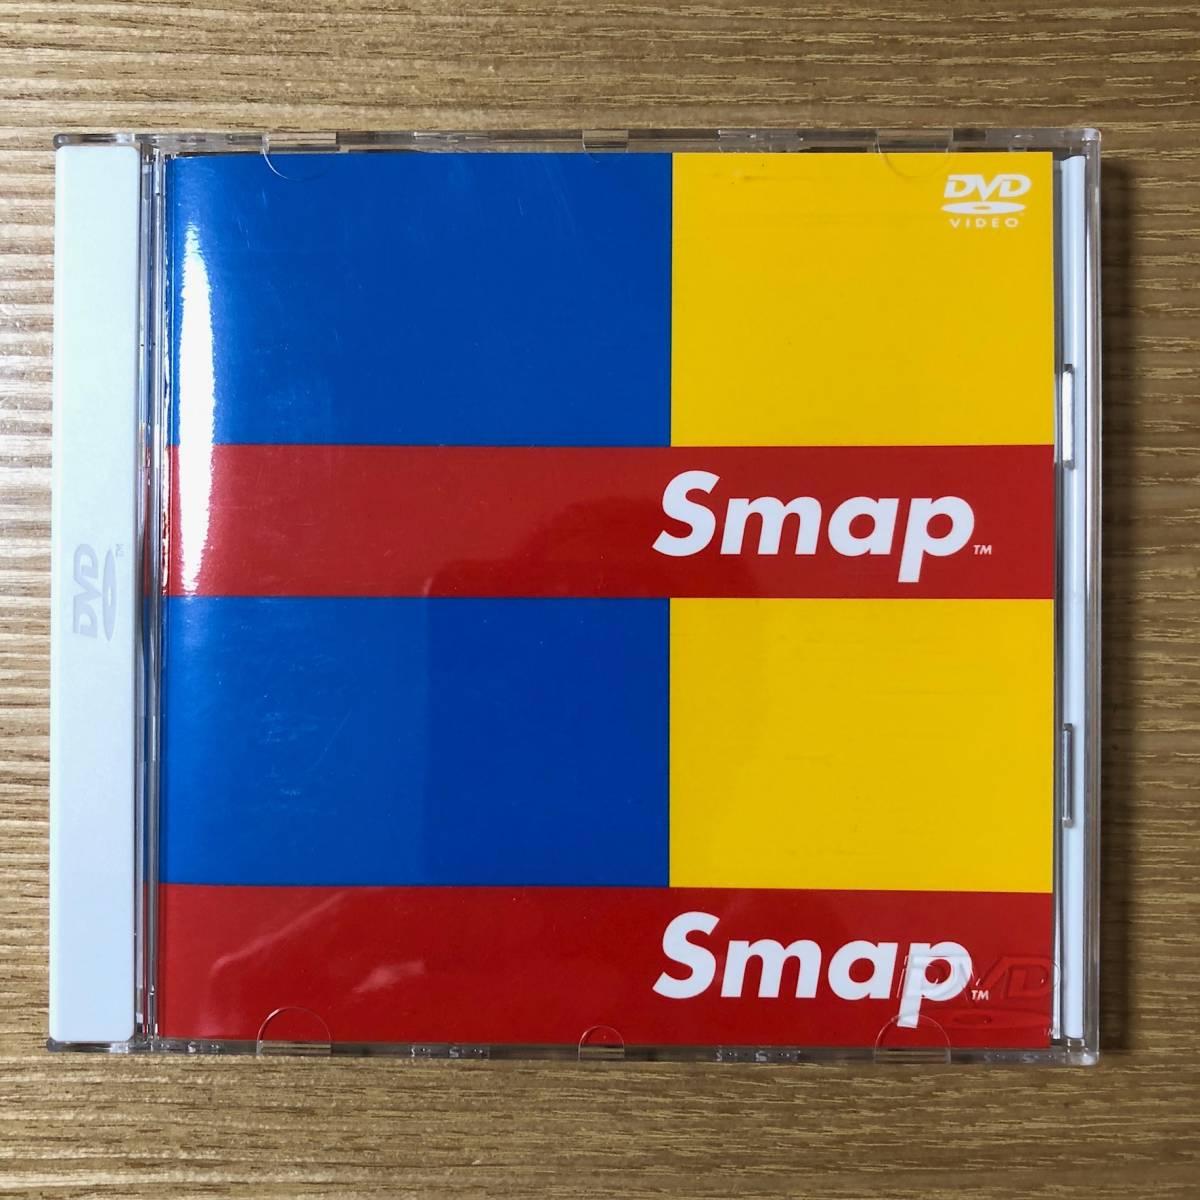 【100円スタート SMAP DVD】LIVE Smap